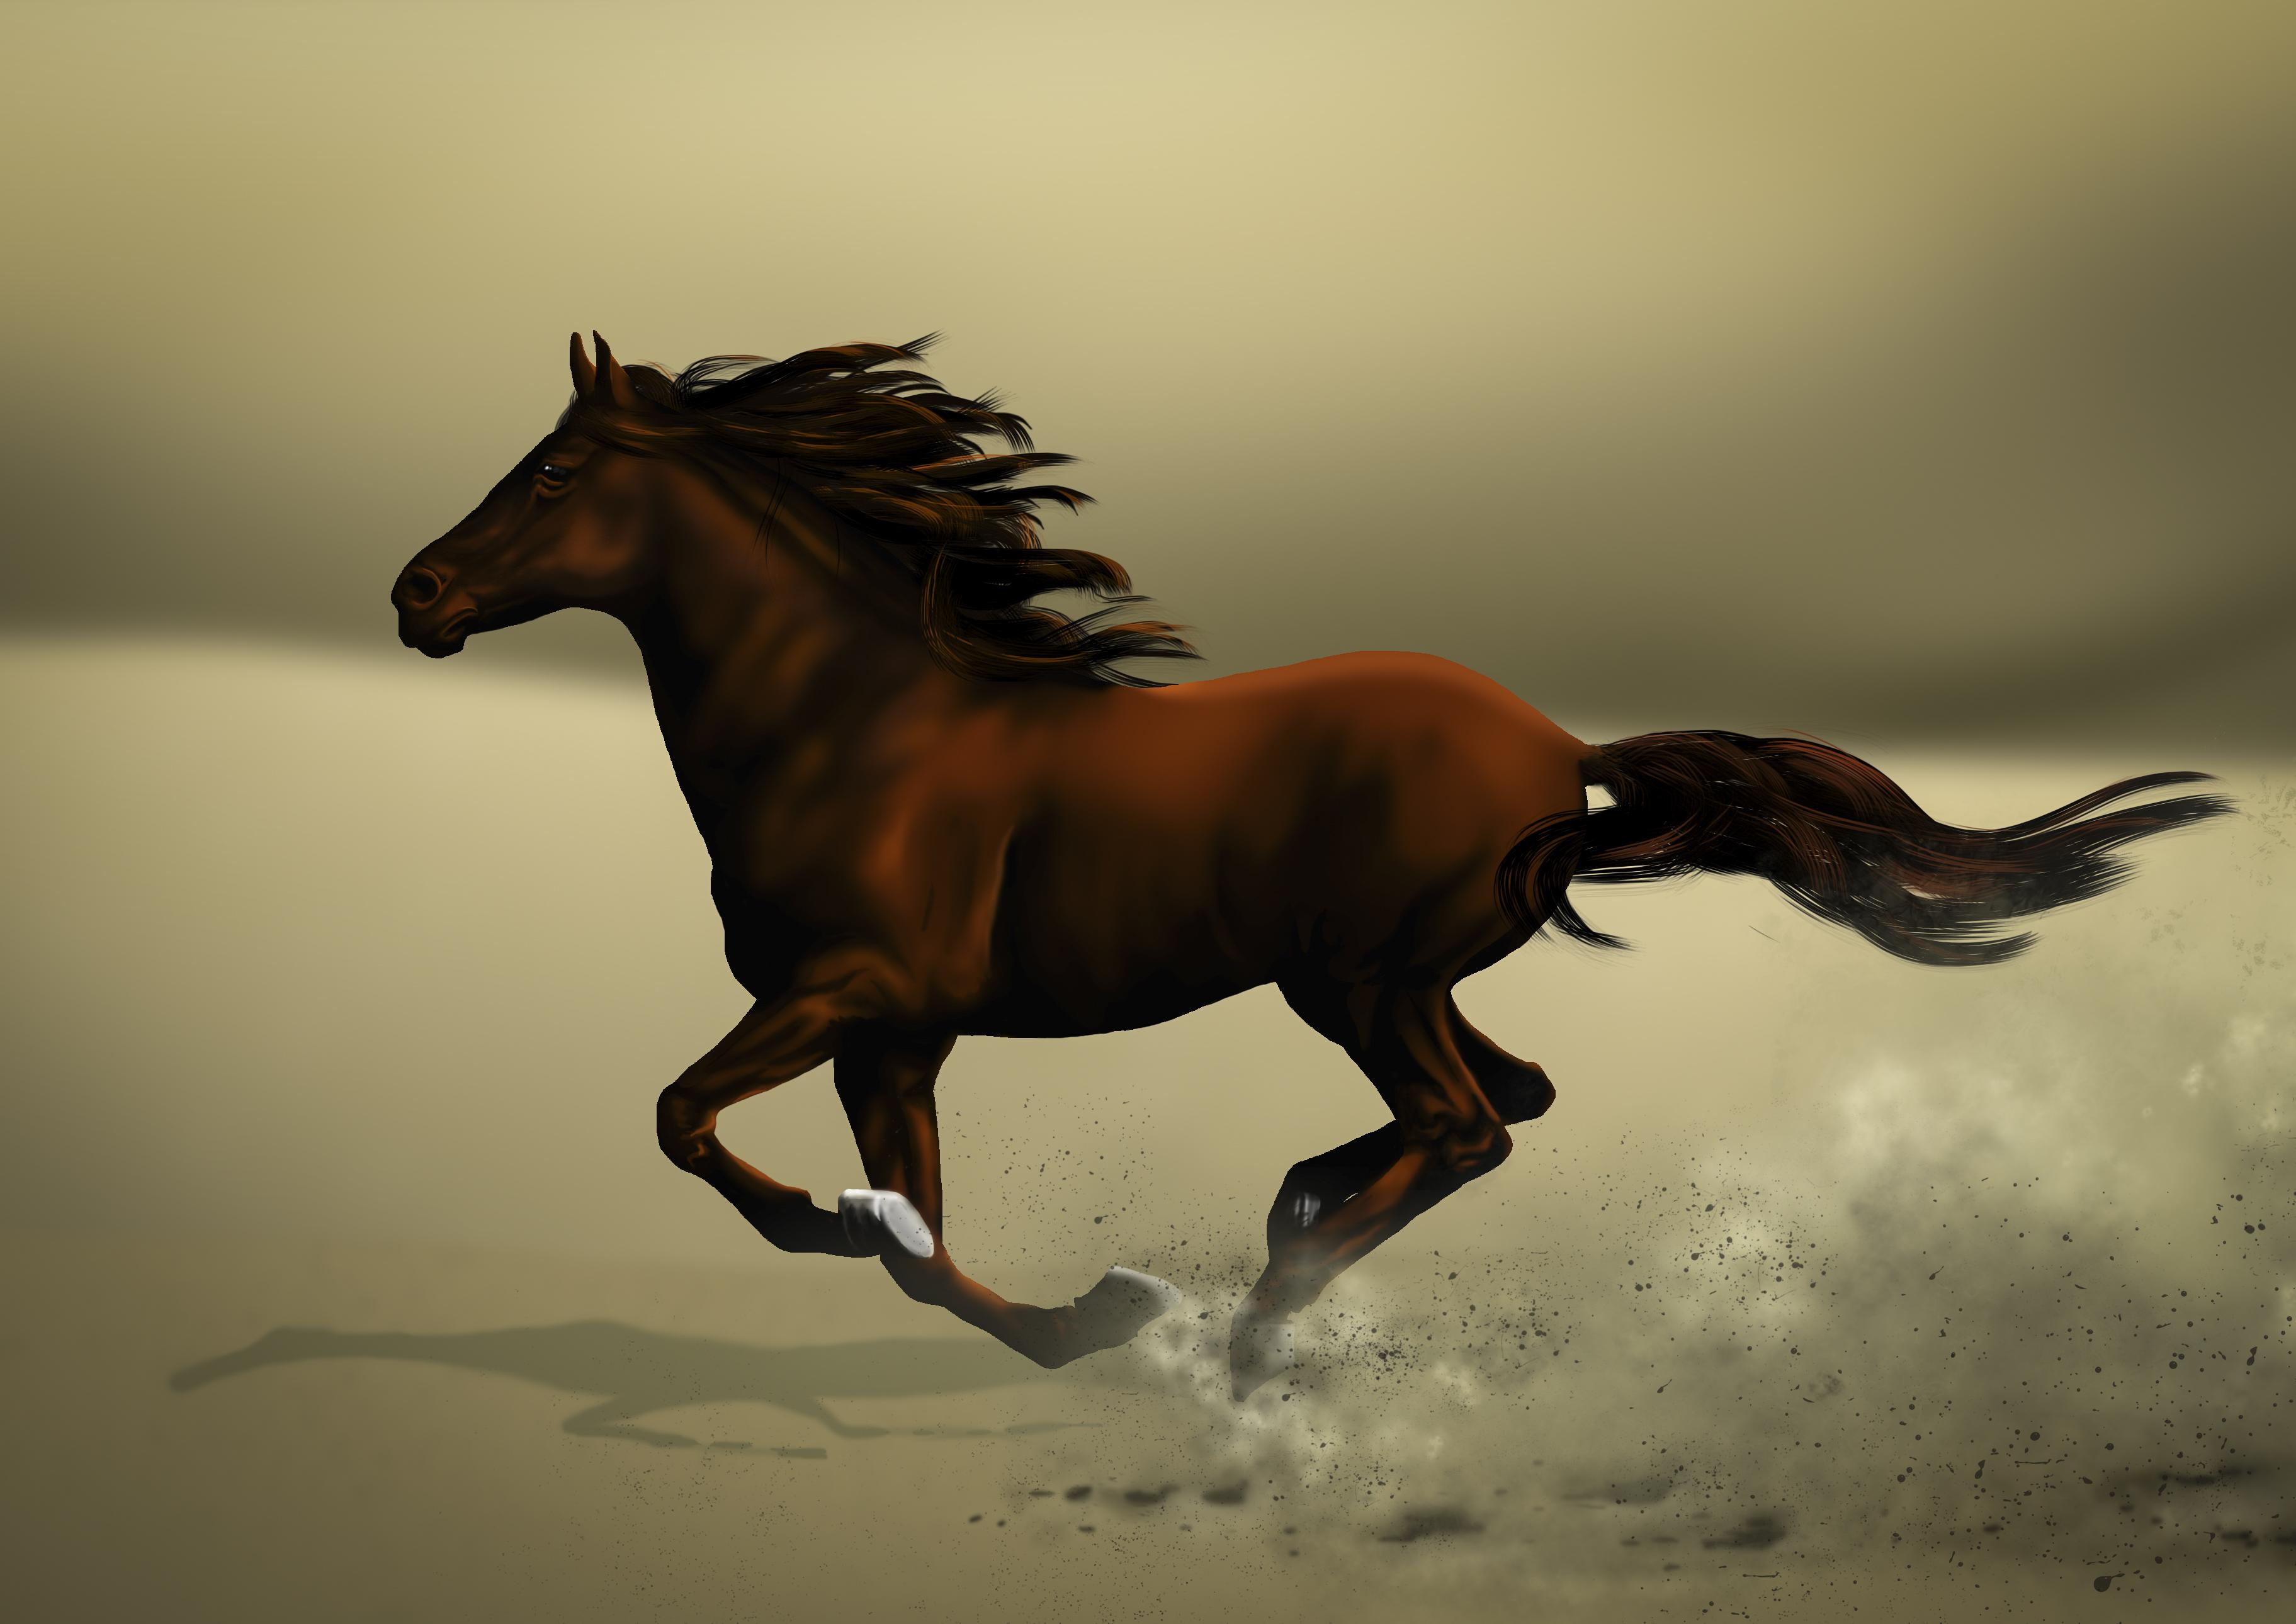 Desert Horse close-up